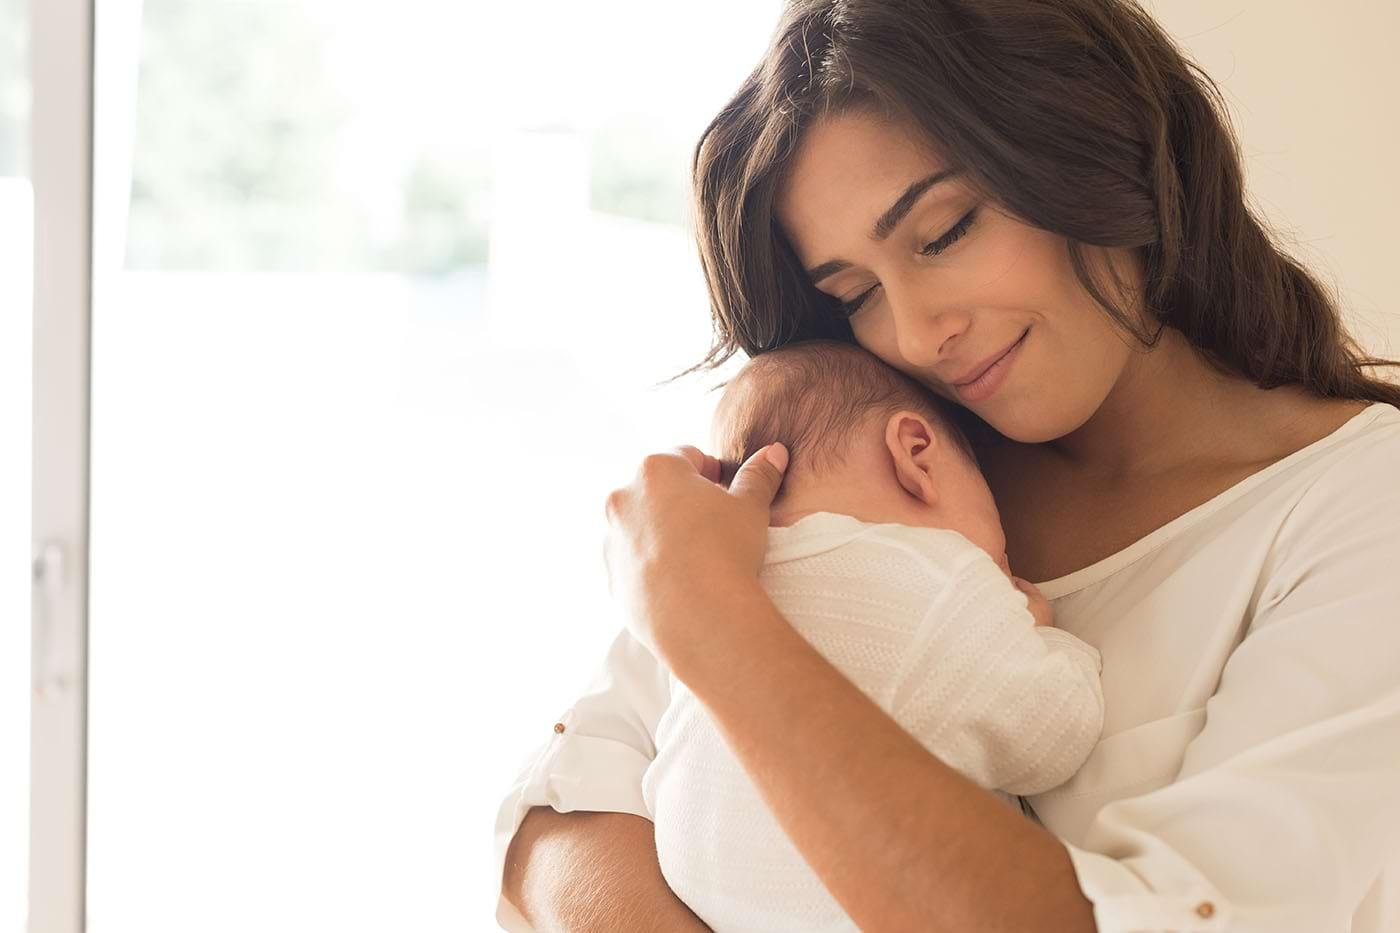 Concediul de maternitate: ce beneficii are pentru sănătatea femeii?